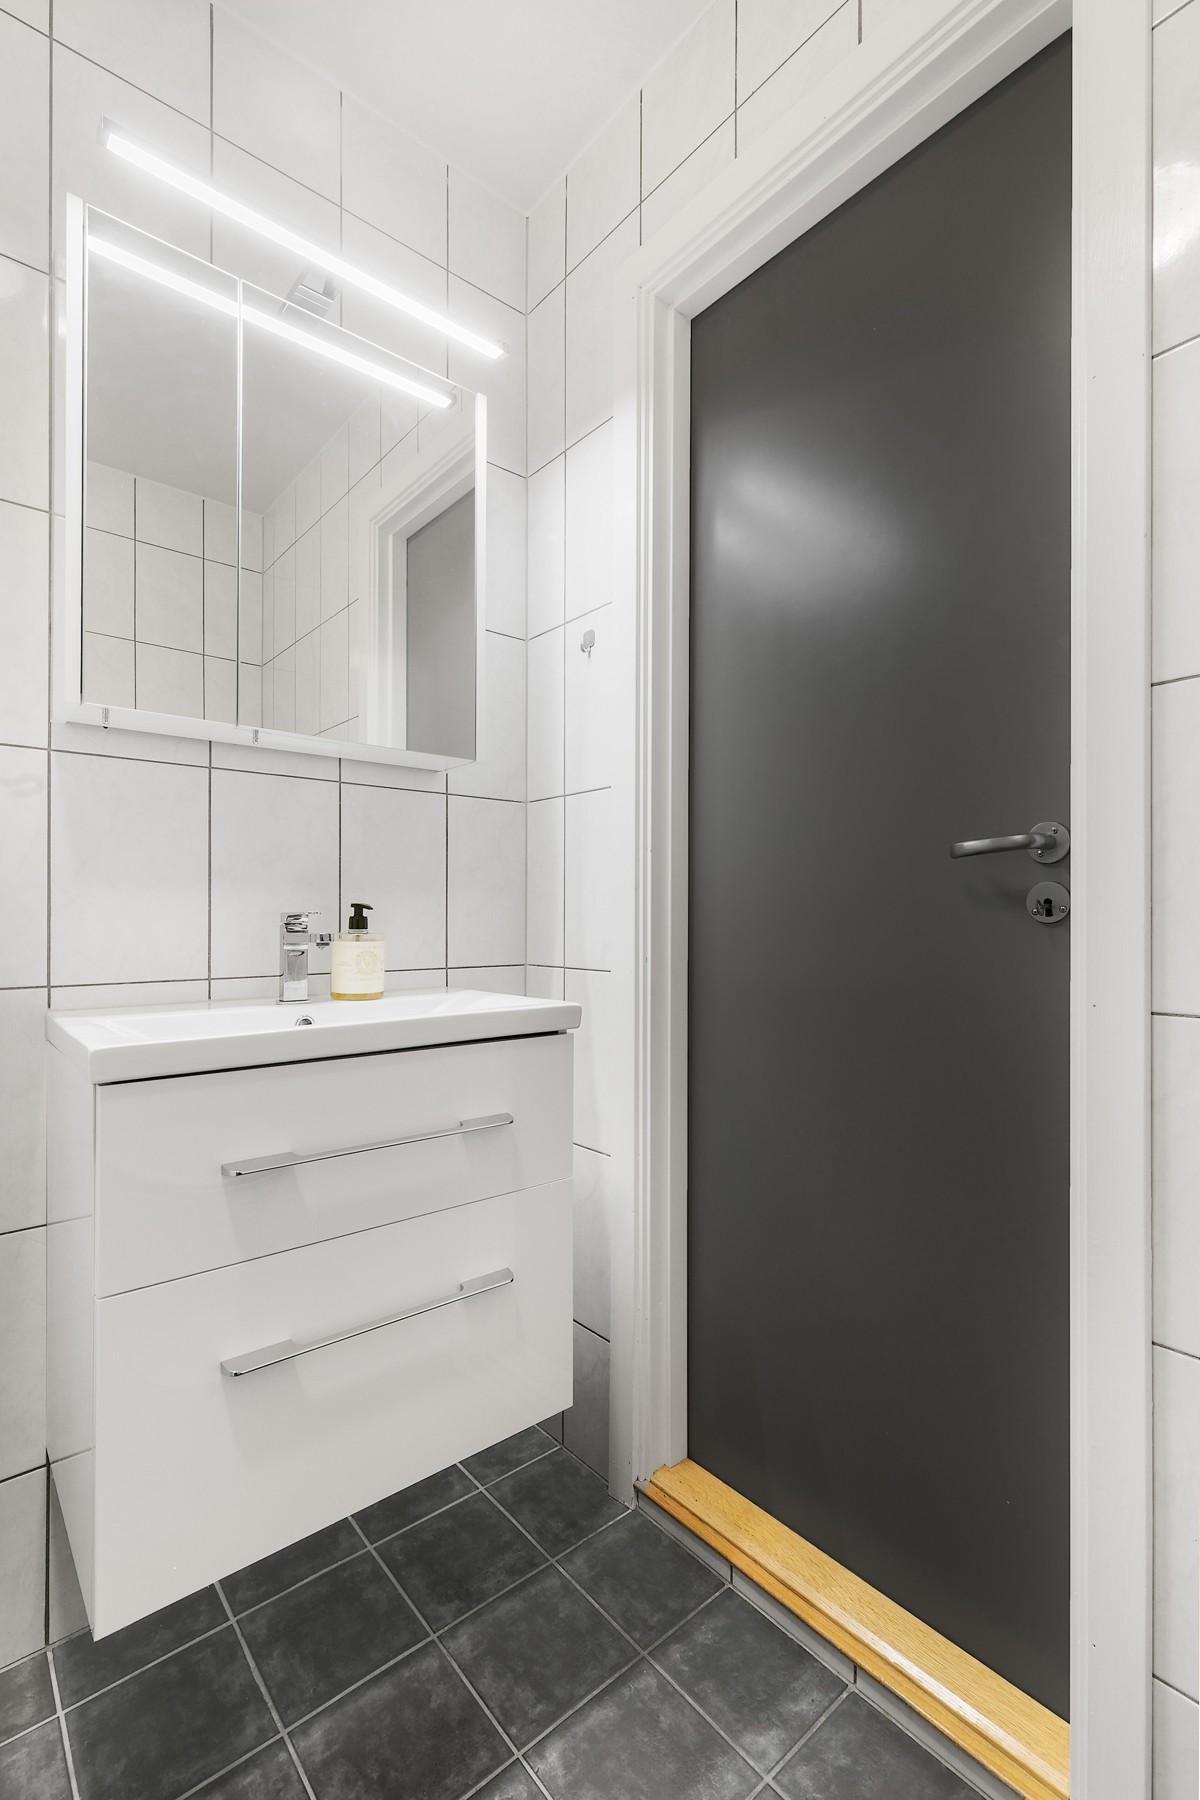 Ny wc og baderomsinnredning ble montert mai 2019